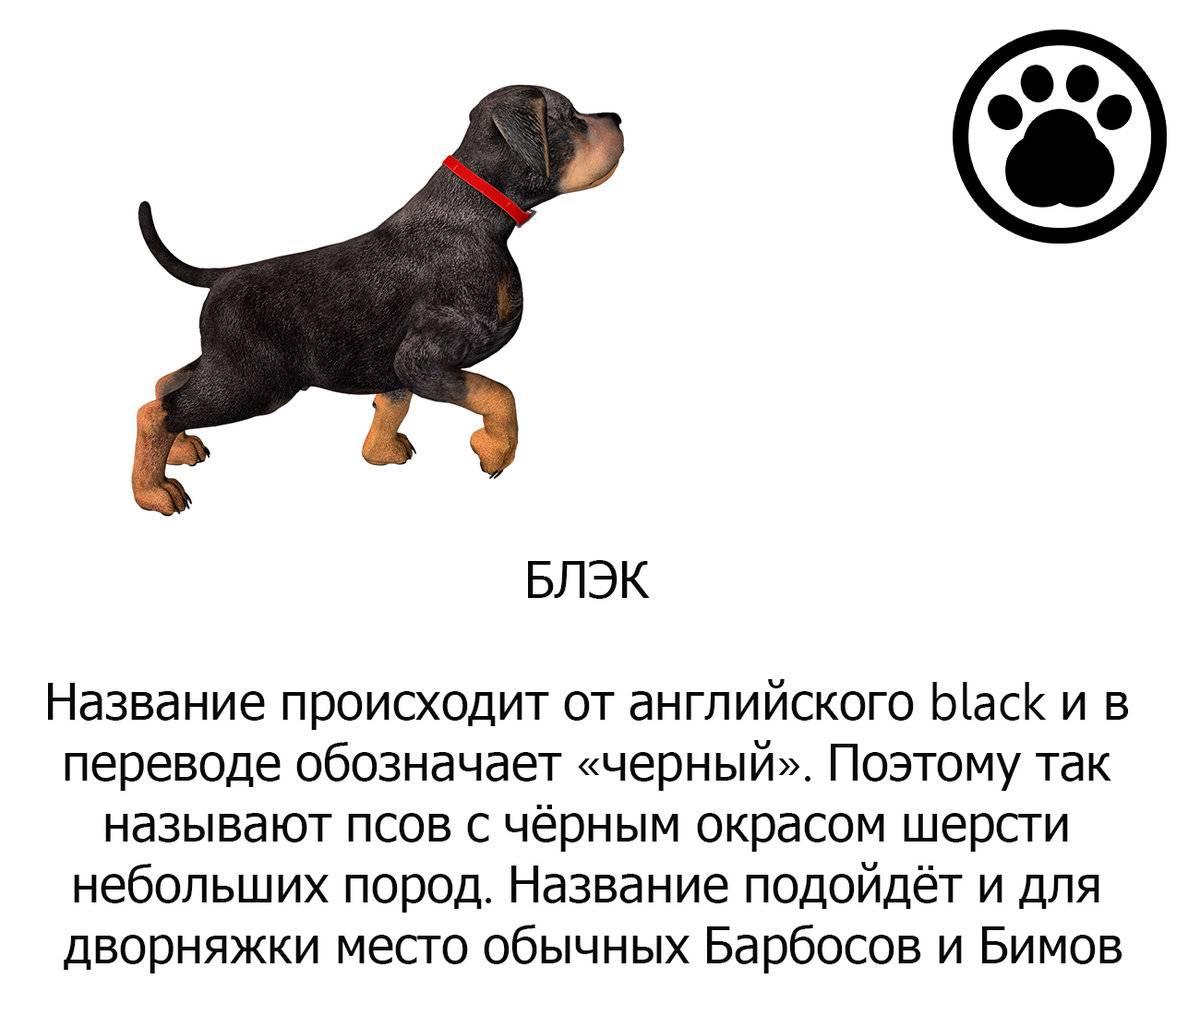 Клички для собак-мальчиков маленьких пород: прикольные и красивые имена, которыми можно назвать щенков мелких пород